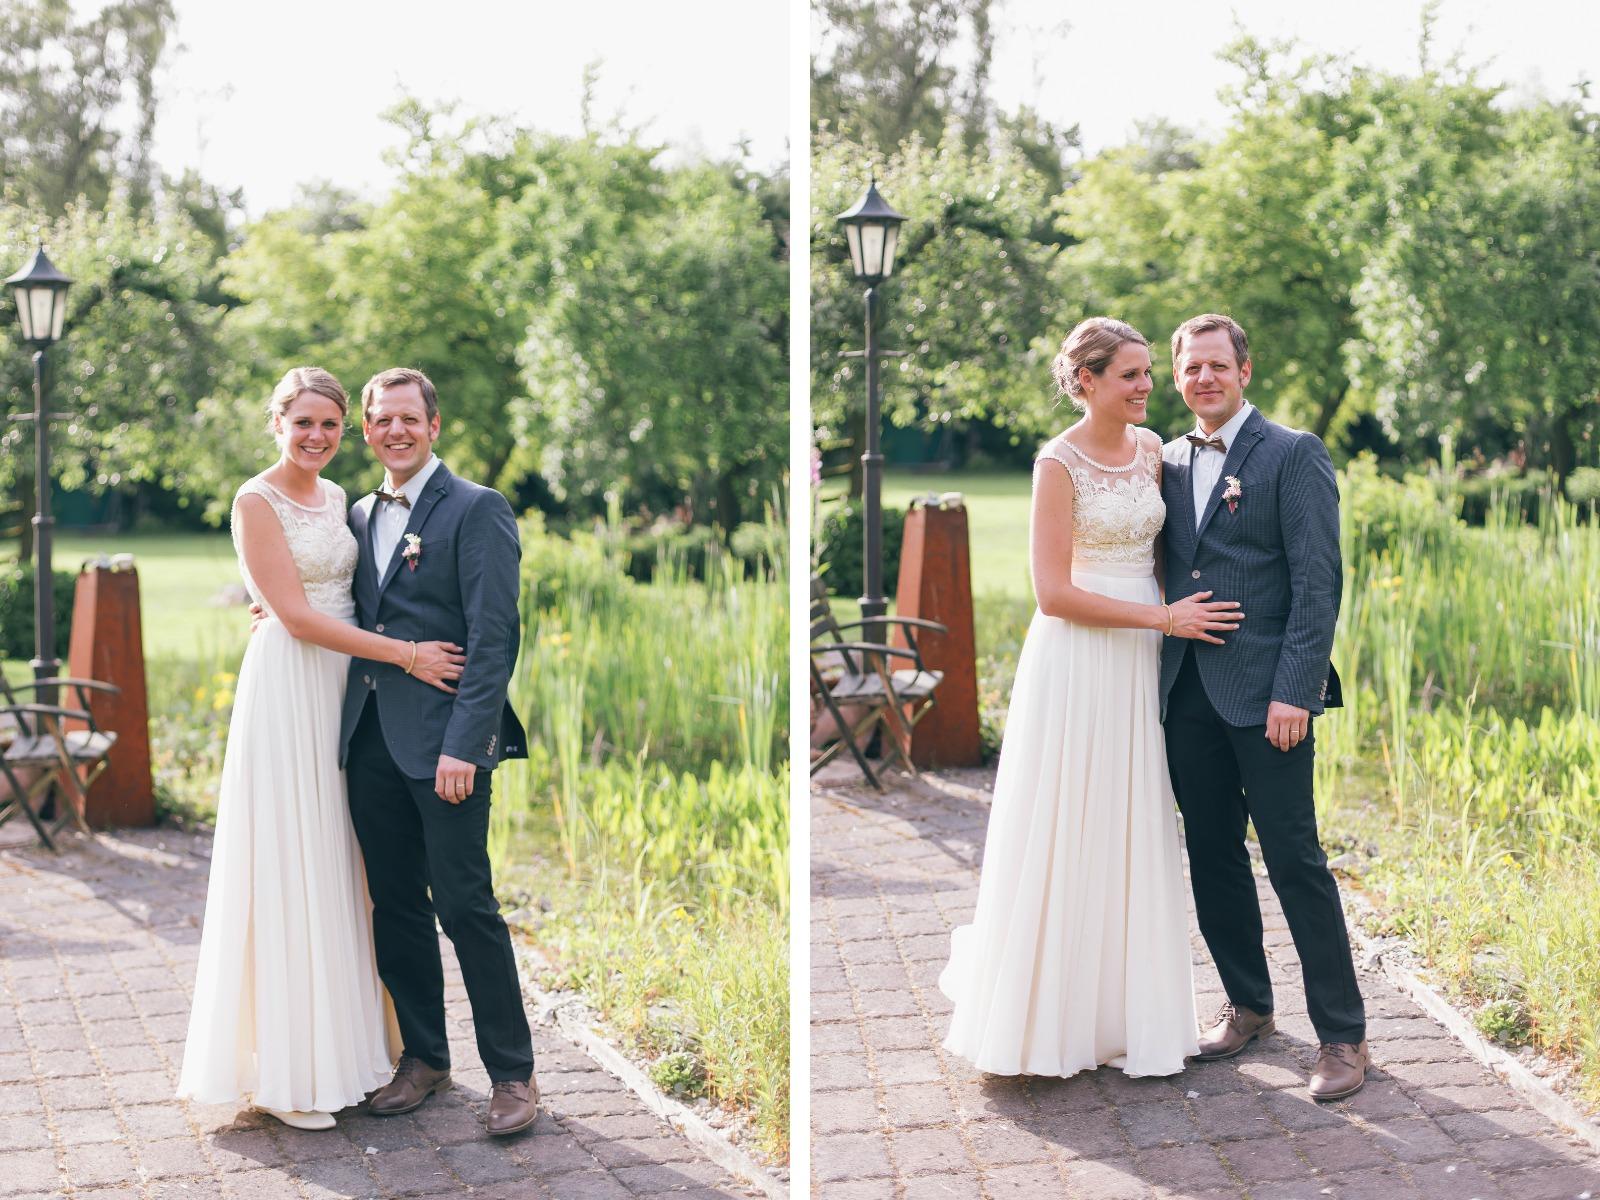 Monstergraphie_Hochzeitsreportage_Bottrop08.jpg?fit=1600%2C1200